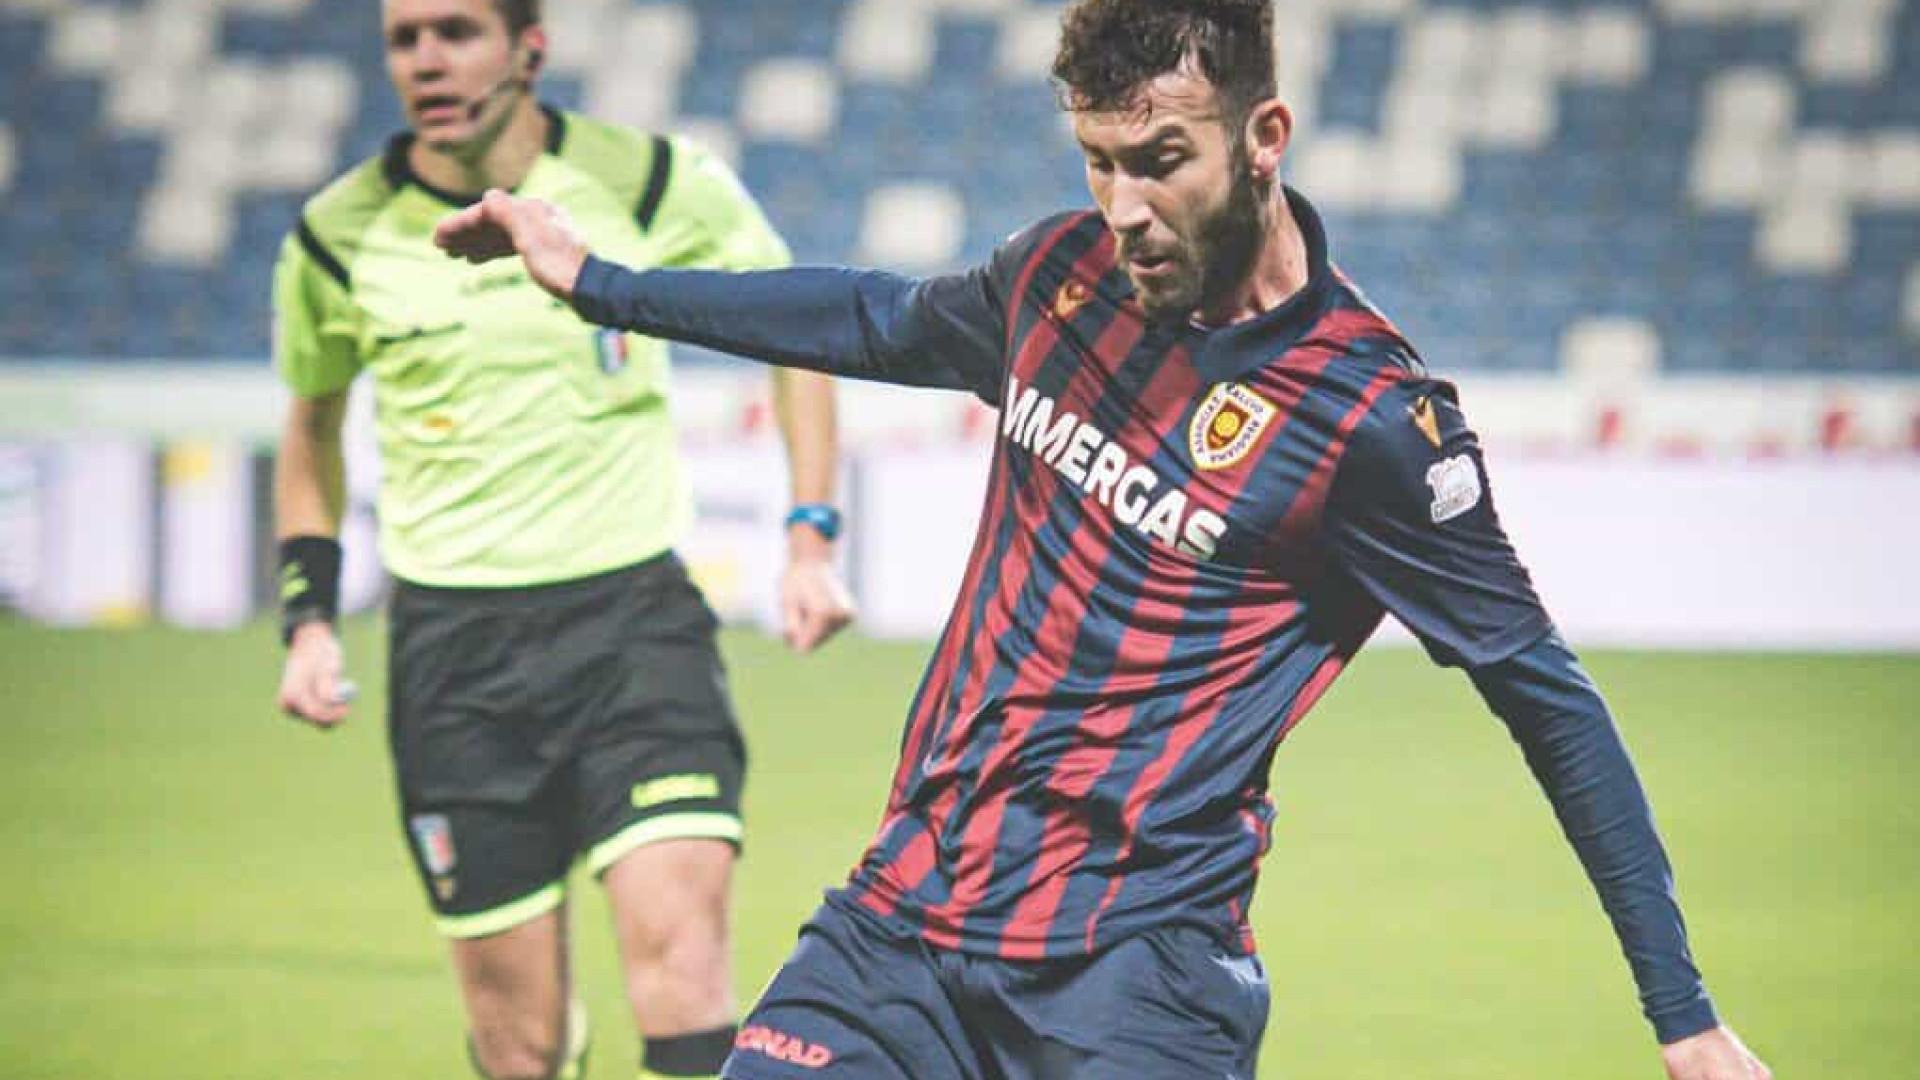 'Questão não foi levada a sério o suficiente', diz jogador italiano